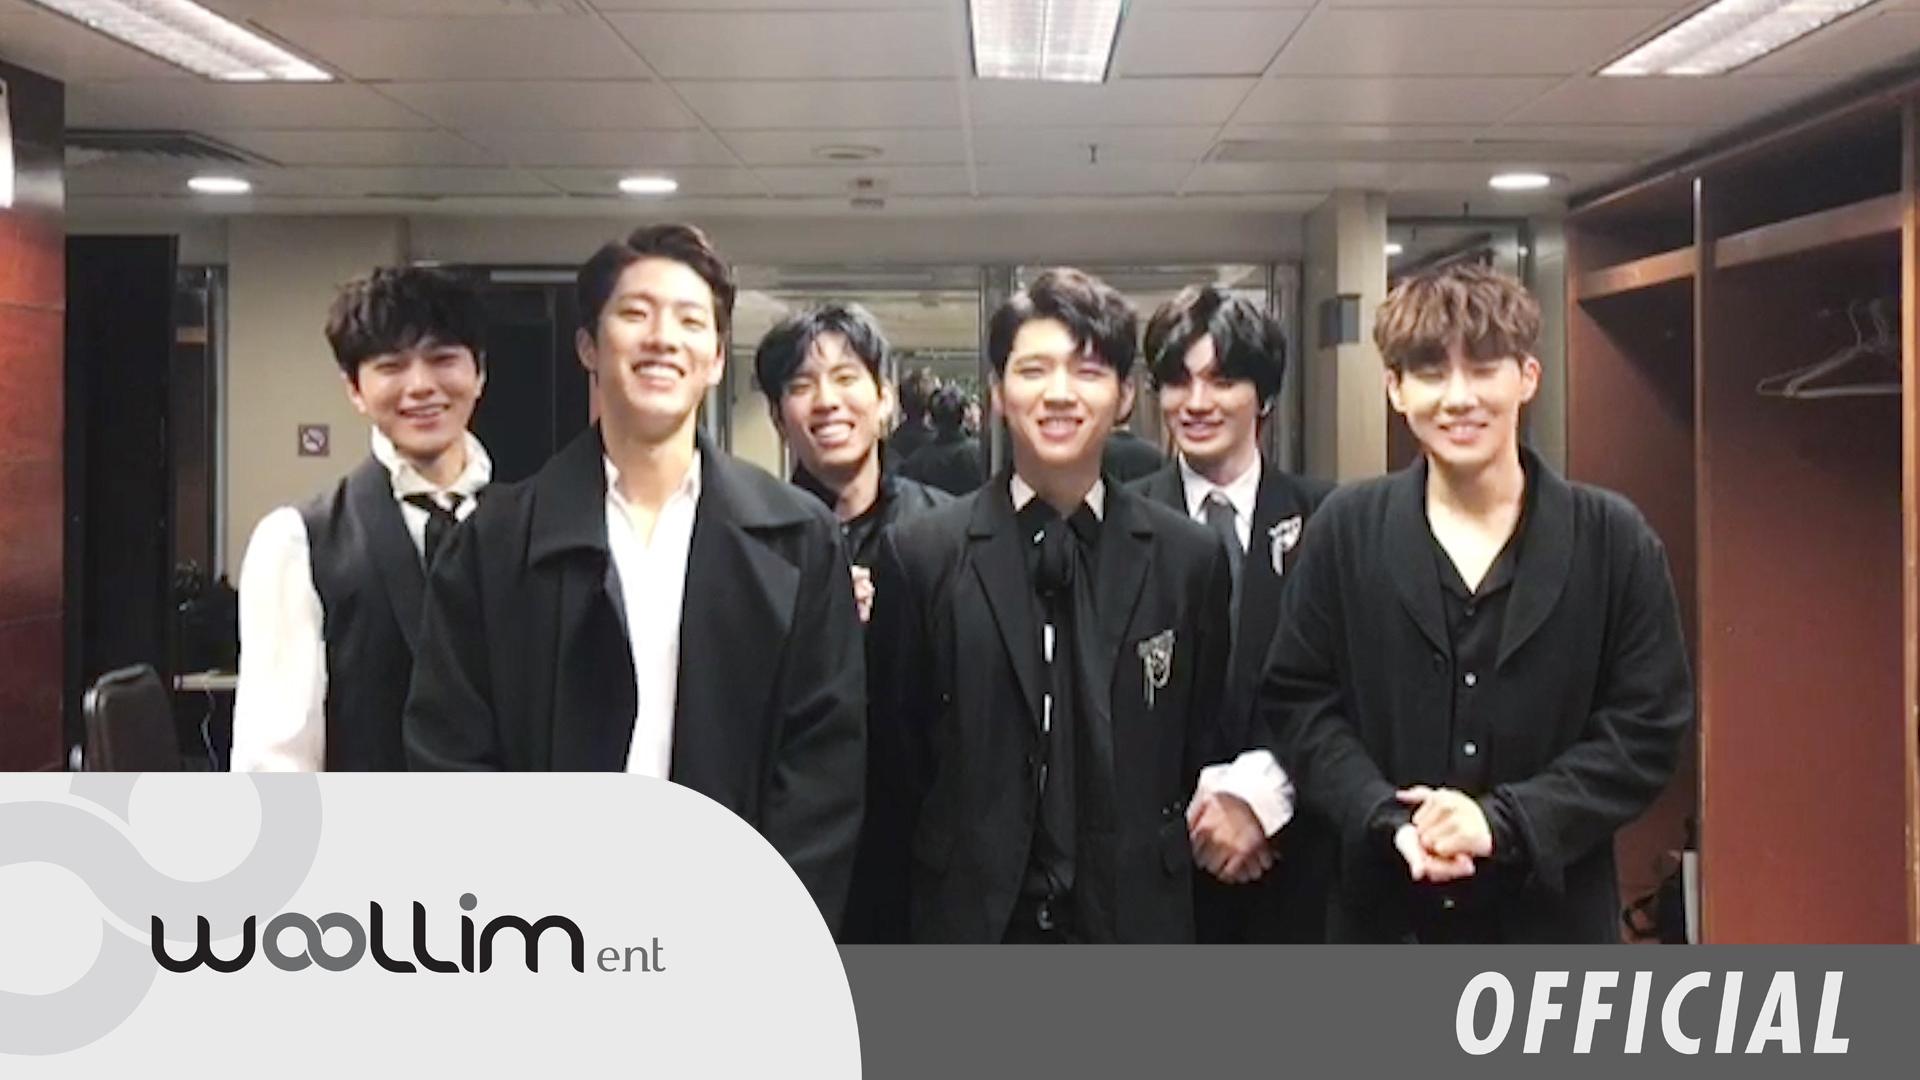 인피니트(INFINITE) 추석 인사 (Korean Thanksgiving Message)